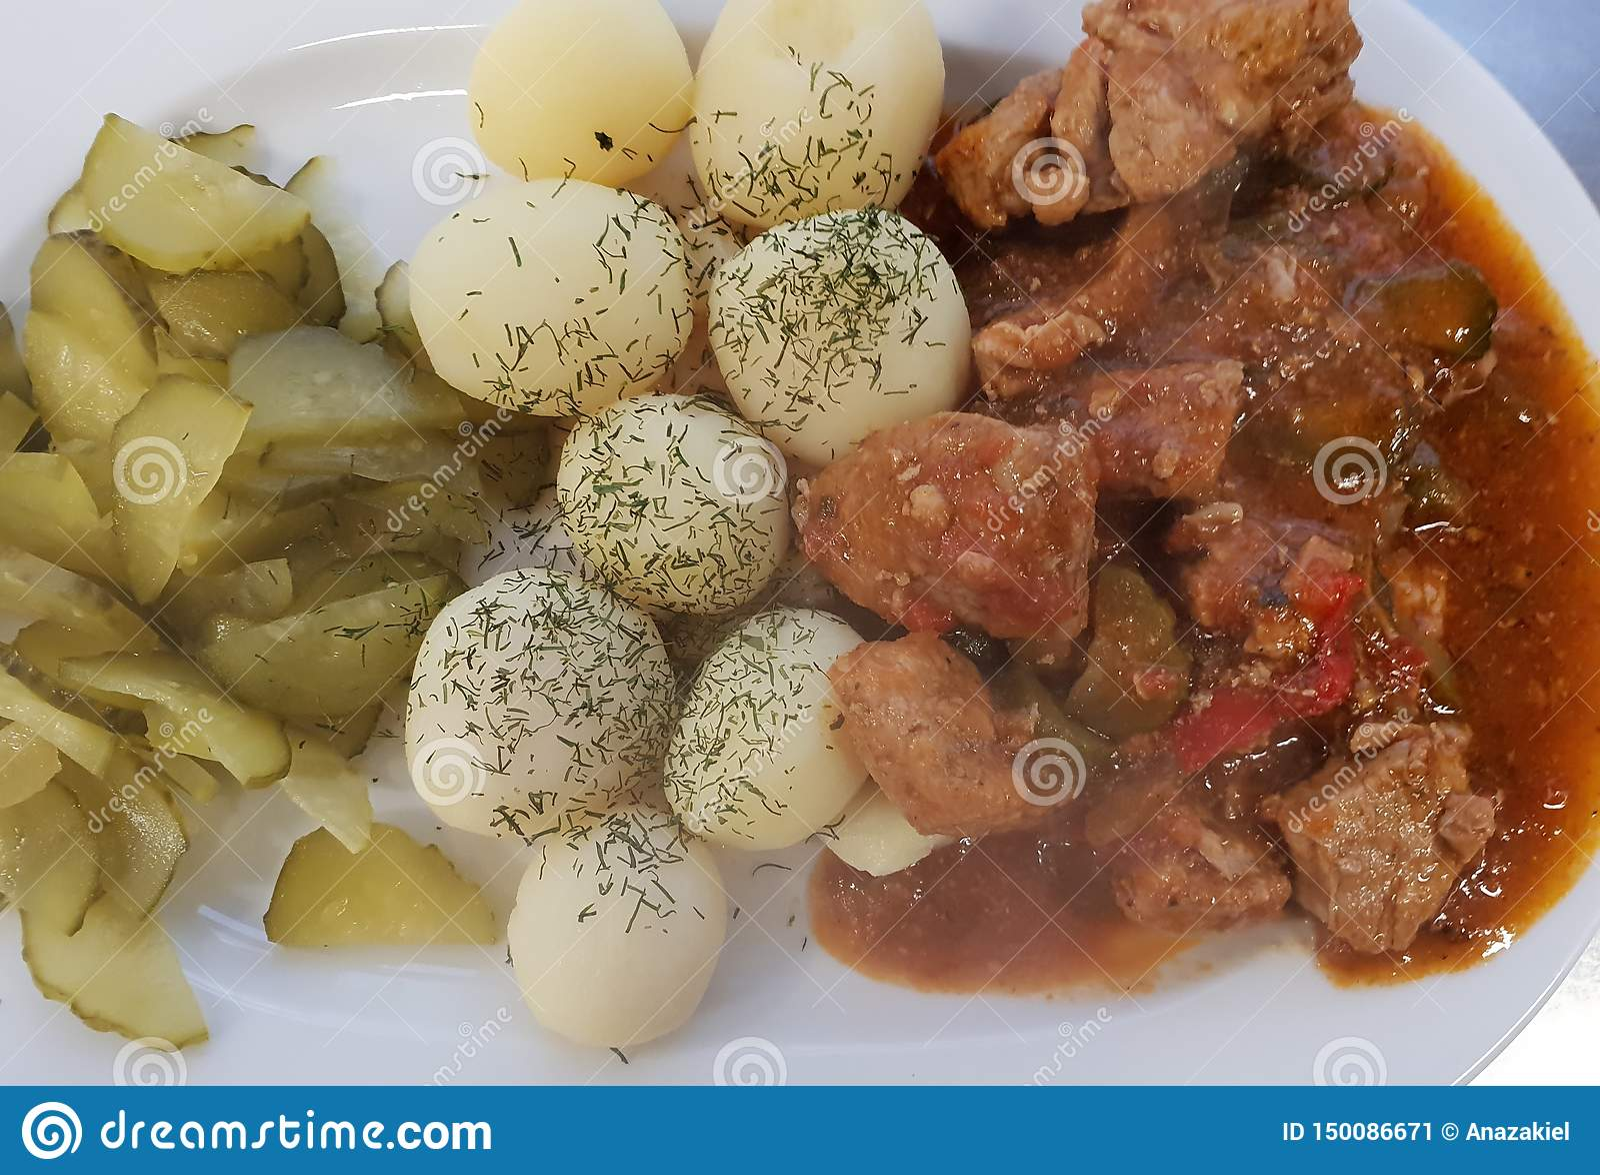 我爱吃肉和土豆